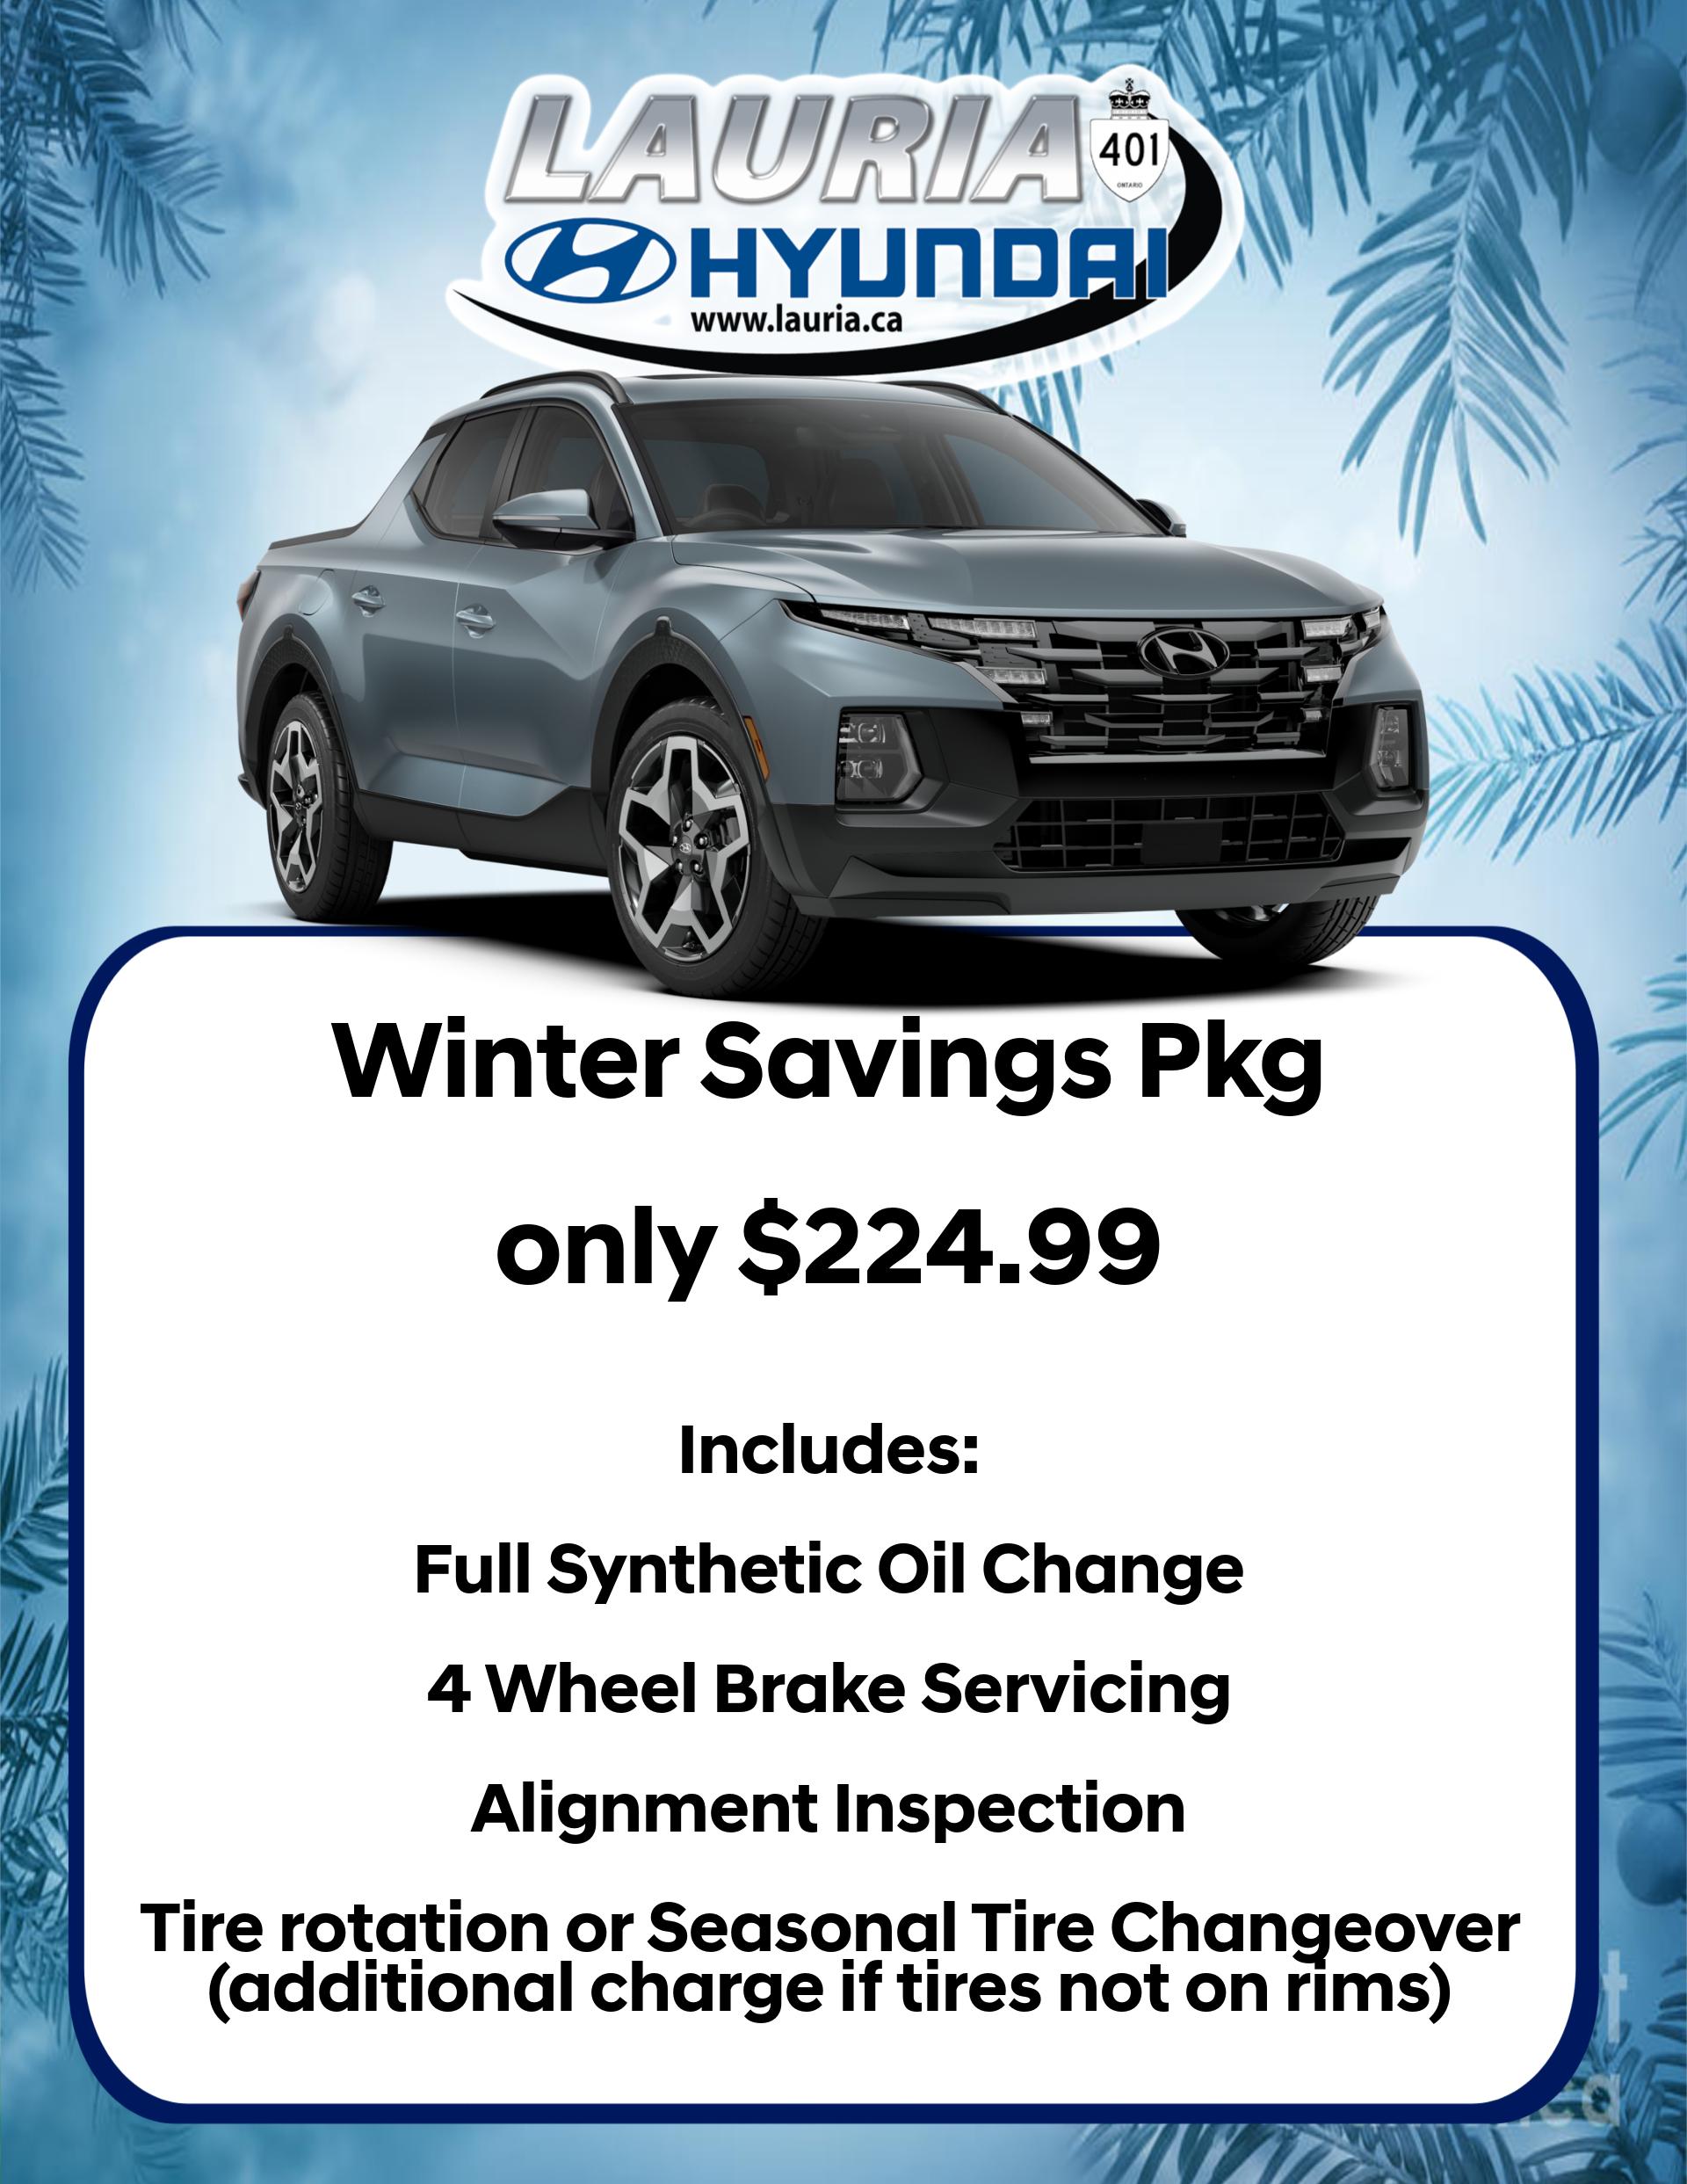 Winter Savings Package Details